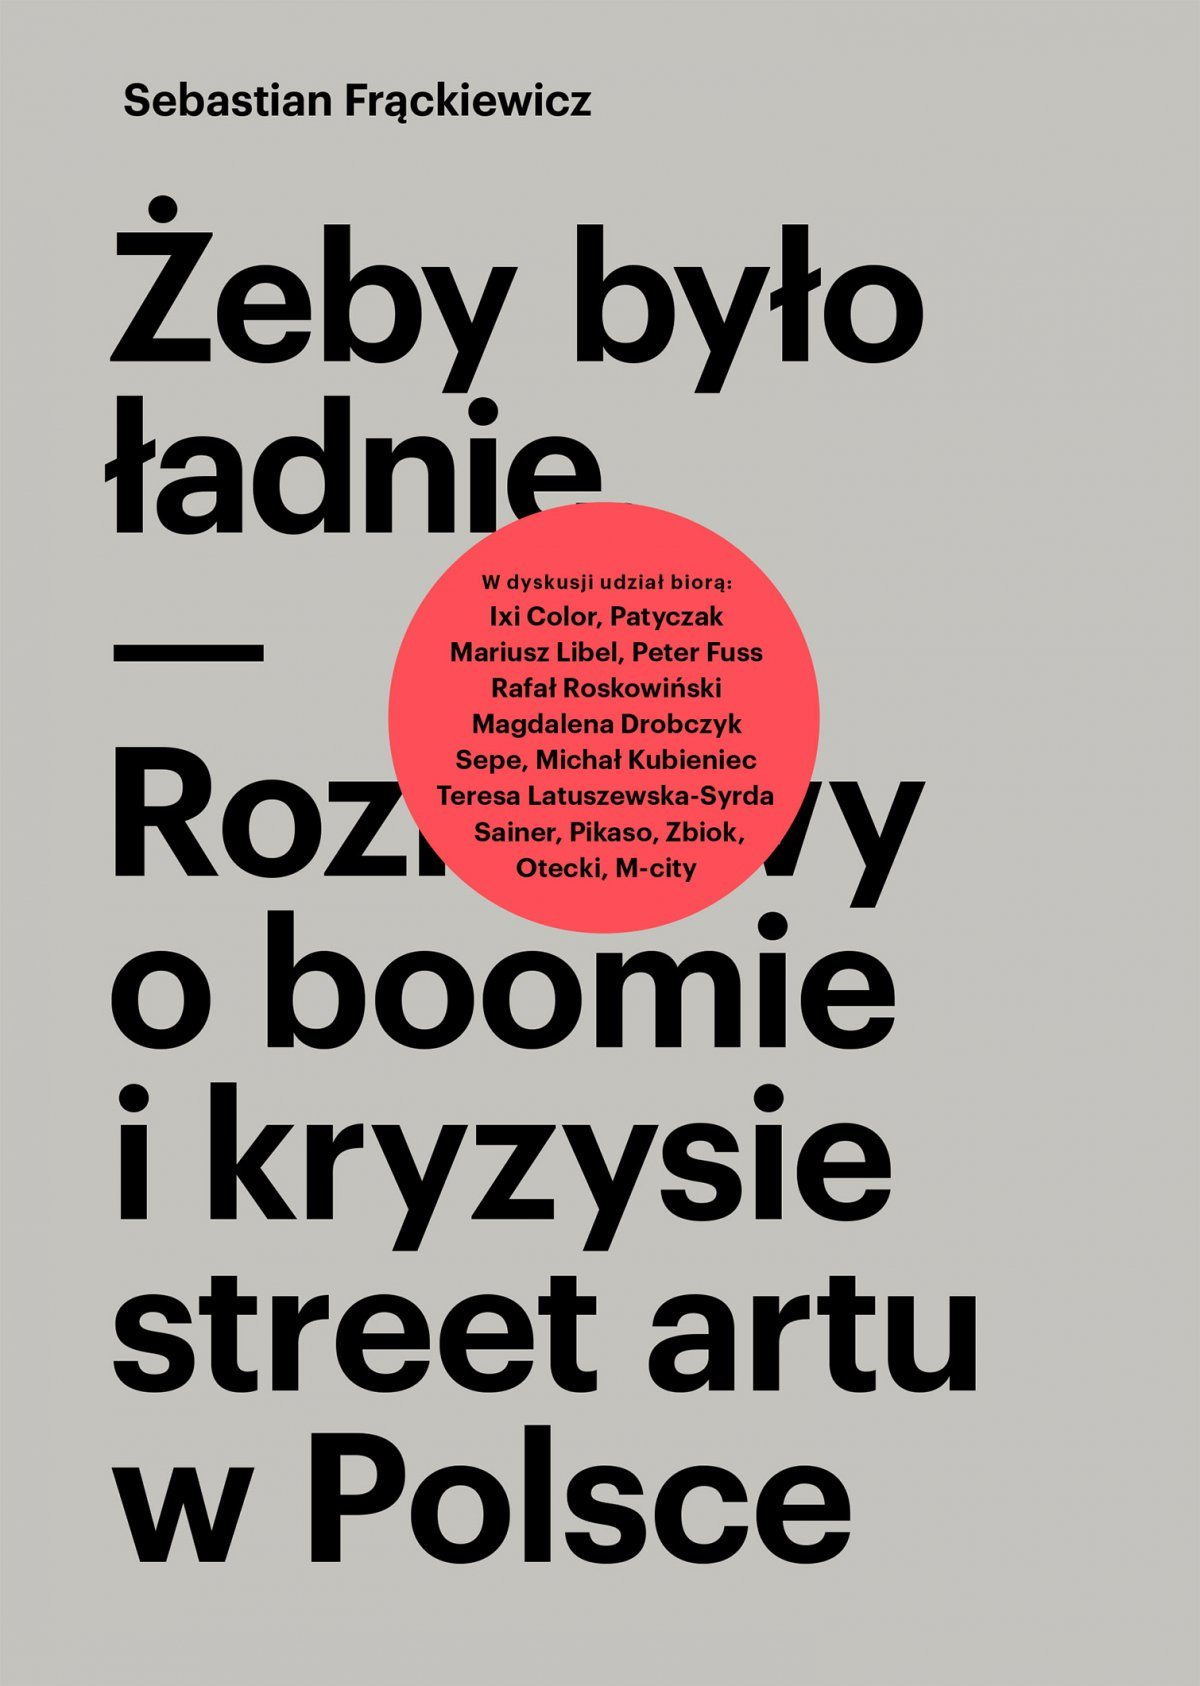 Żeby było ładnie. Rozmowy o boomie i kryzysie street artu w Polsce - Ebook (Książka EPUB) do pobrania w formacie EPUB